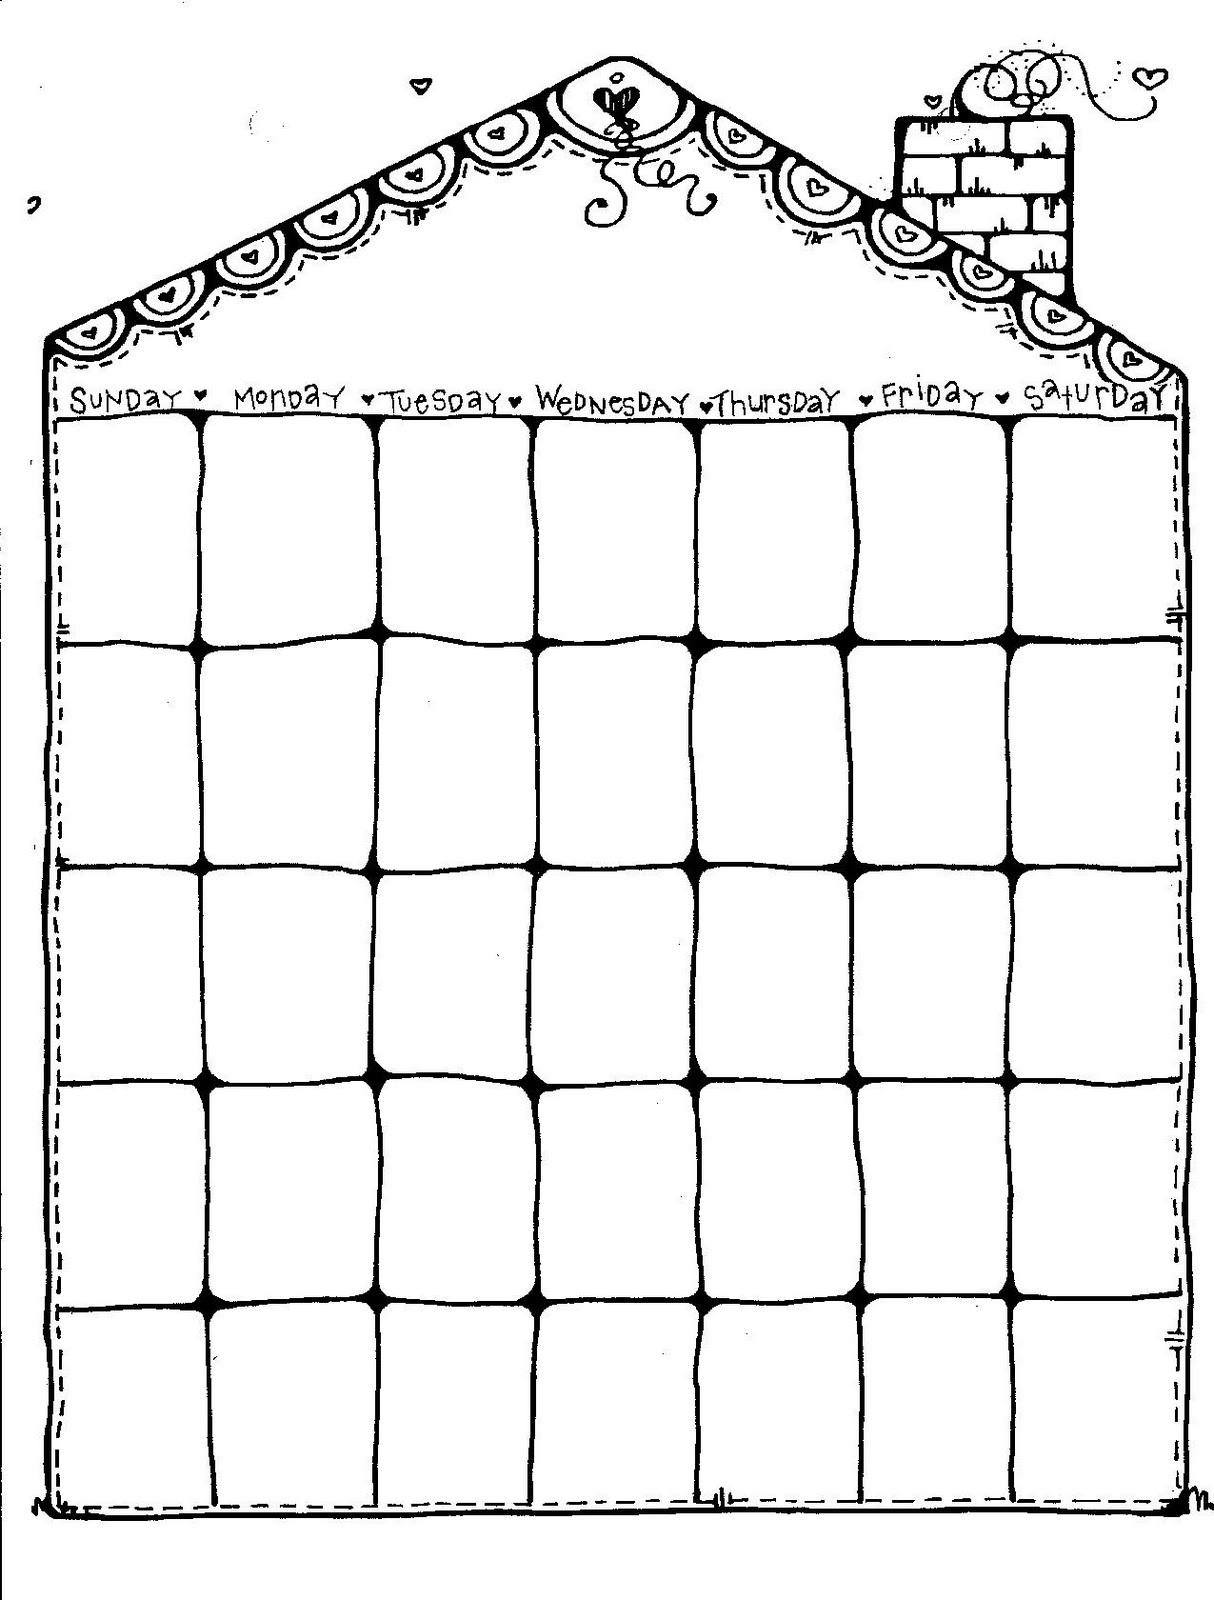 blank weekly calendar nice